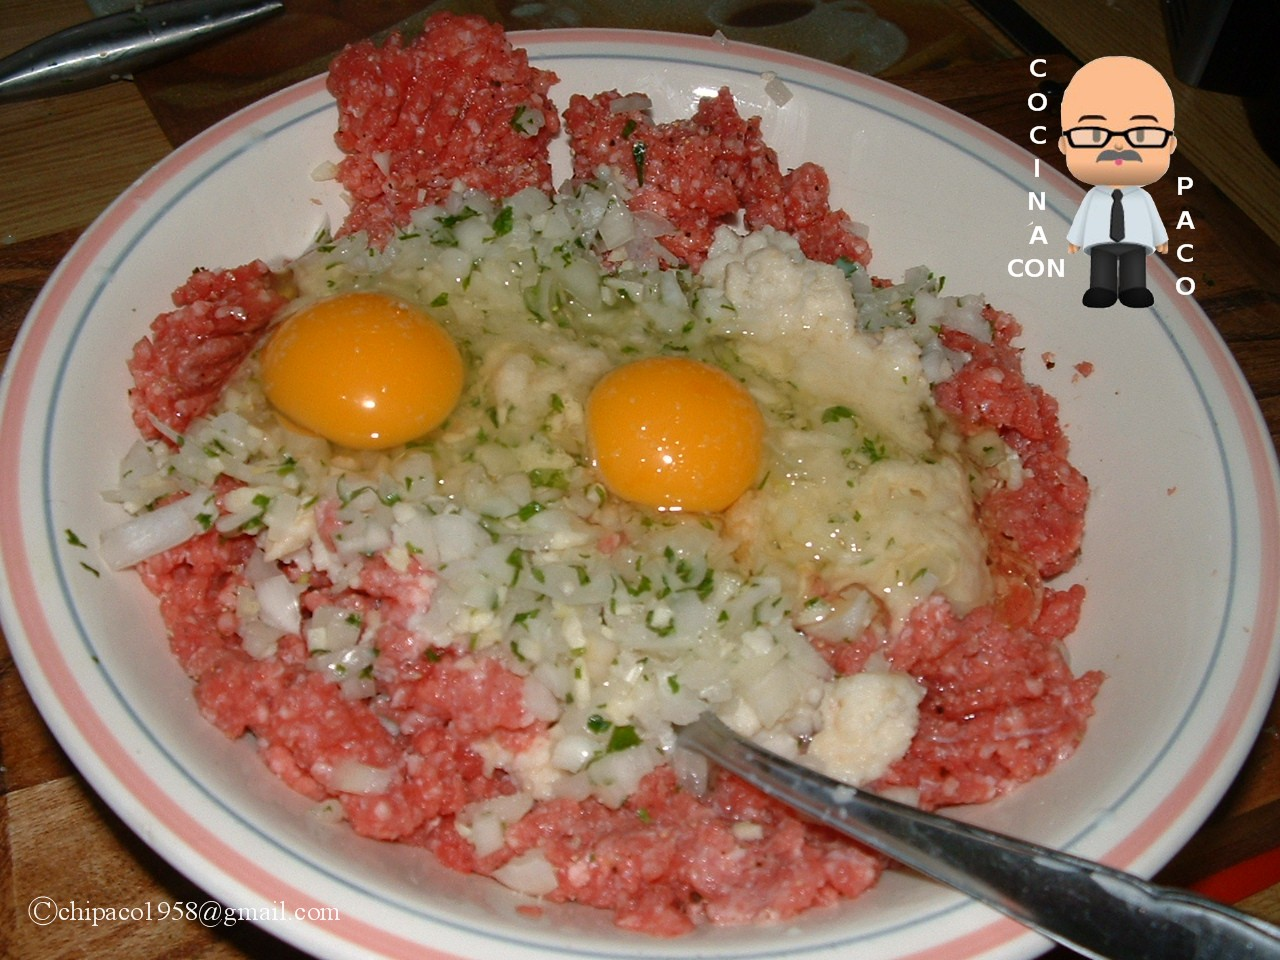 Cocina con paco alb ndigas en salsa - Cocina con paco ...